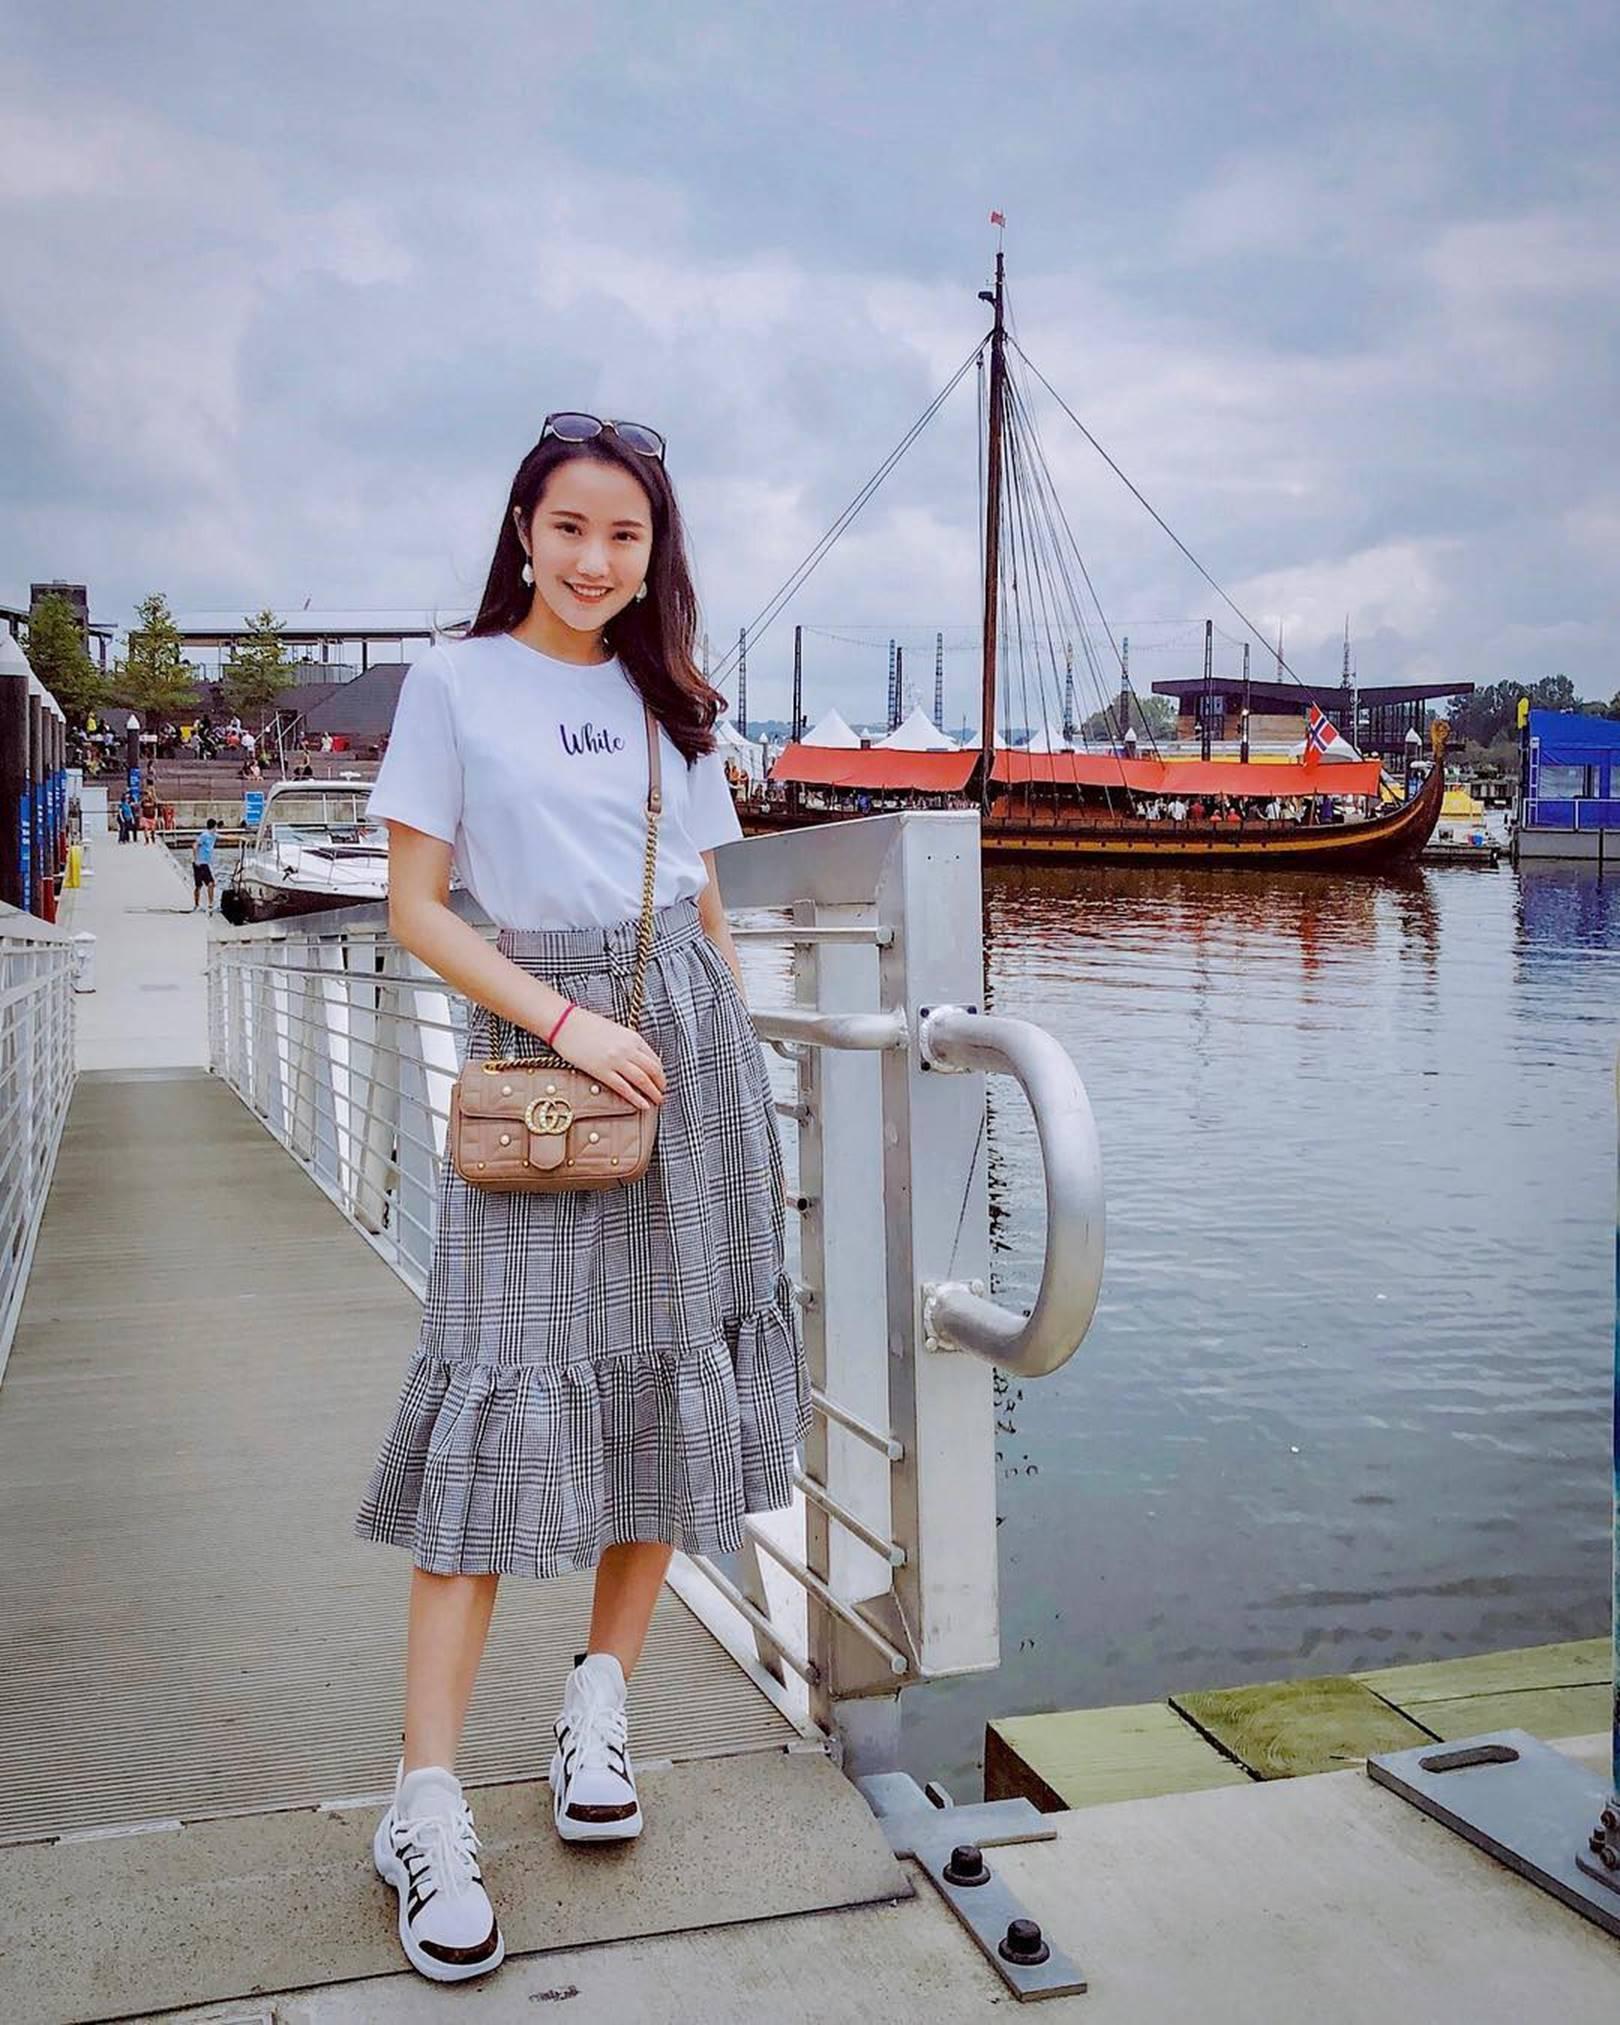 3 ái nữ cành vàng lá ngọc nhà đại gia Việt: Thay đồ hiệu như thay áo, xách túi hiệu như xách giỏ đi chợ mỗi ngày-37